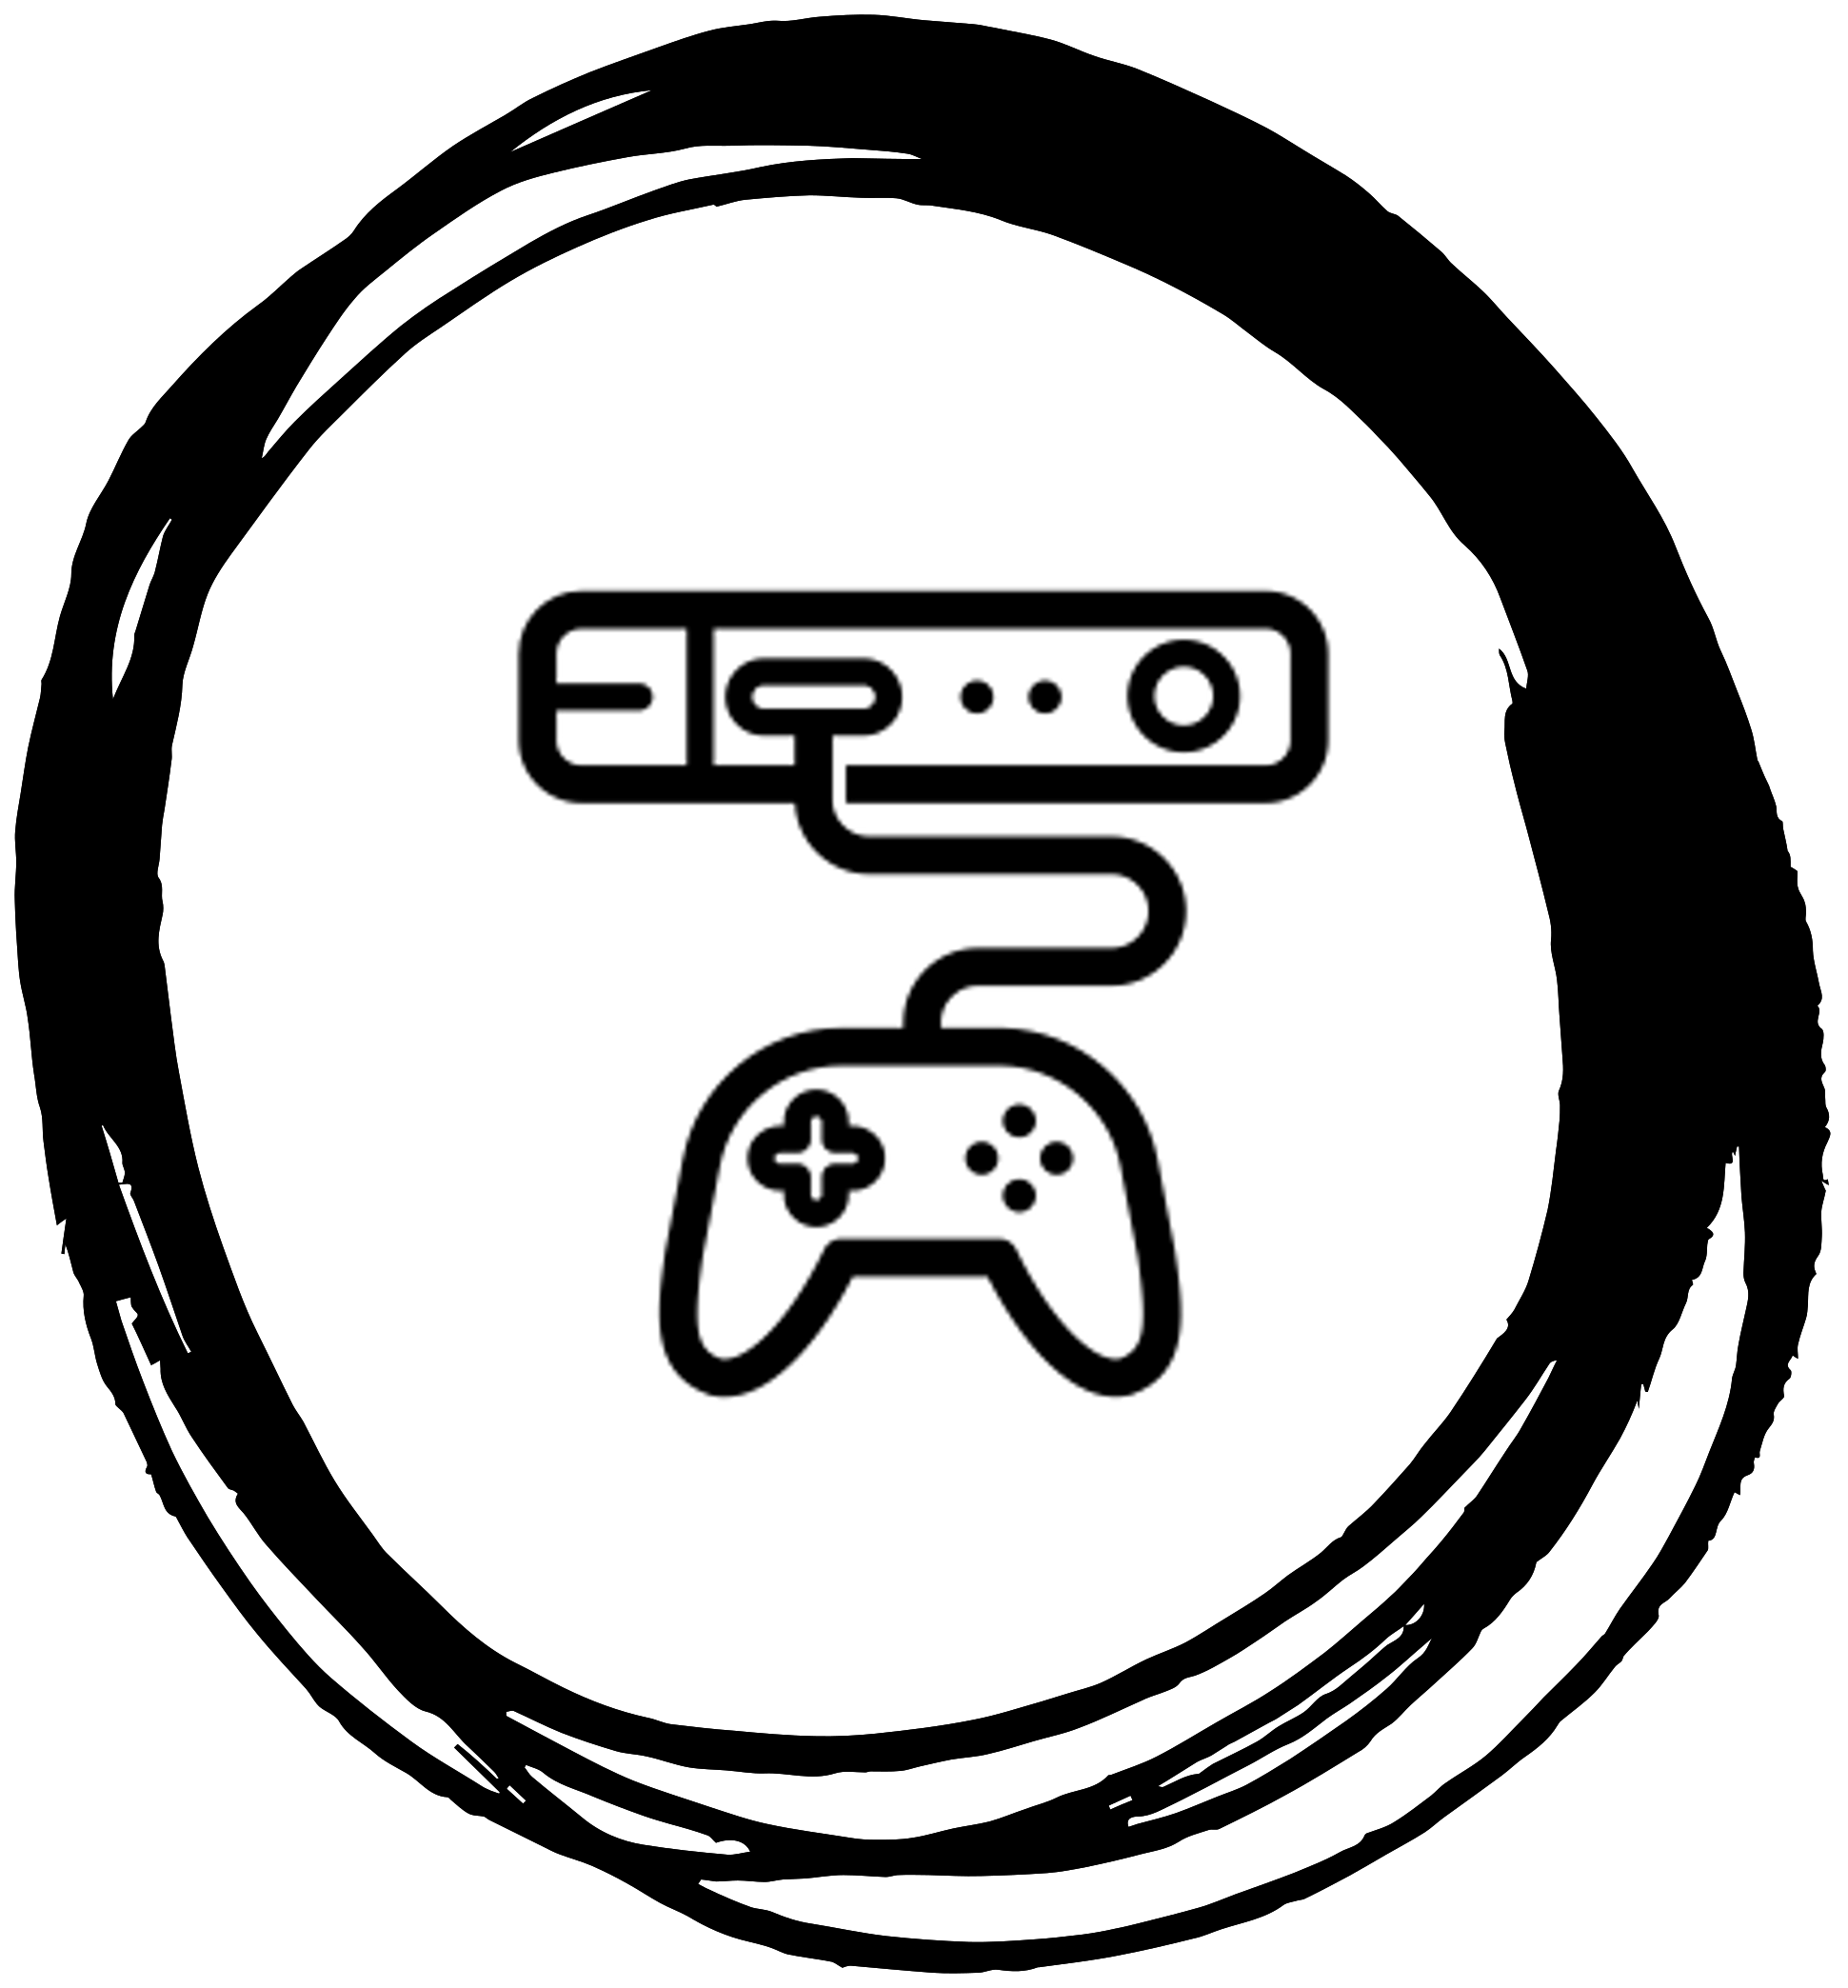 circle-png (4)